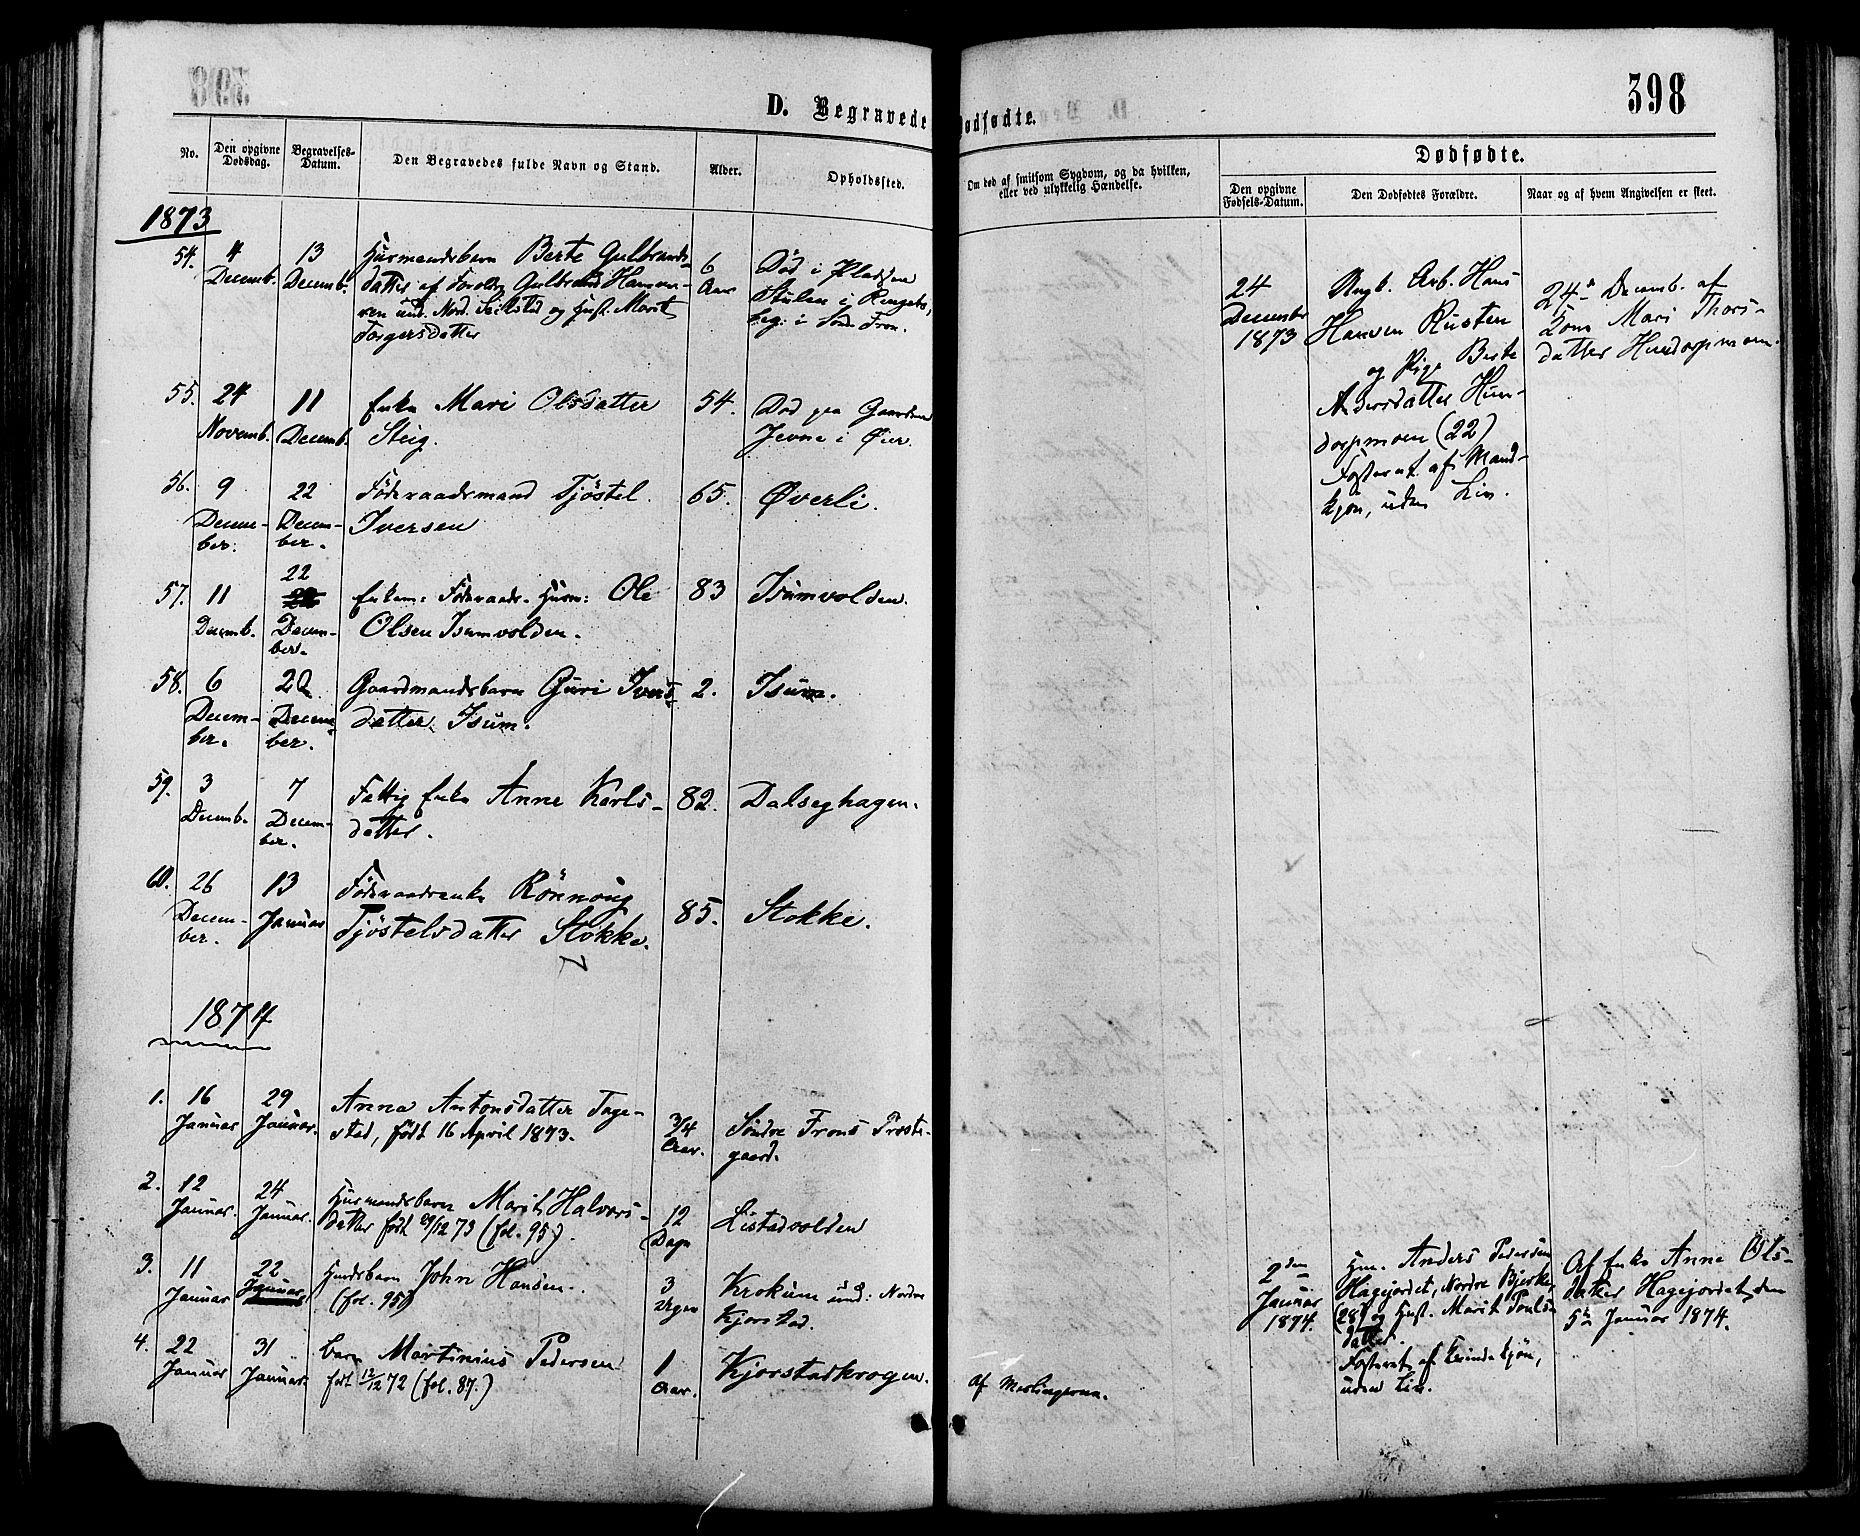 SAH, Sør-Fron prestekontor, H/Ha/Haa/L0002: Ministerialbok nr. 2, 1864-1880, s. 398